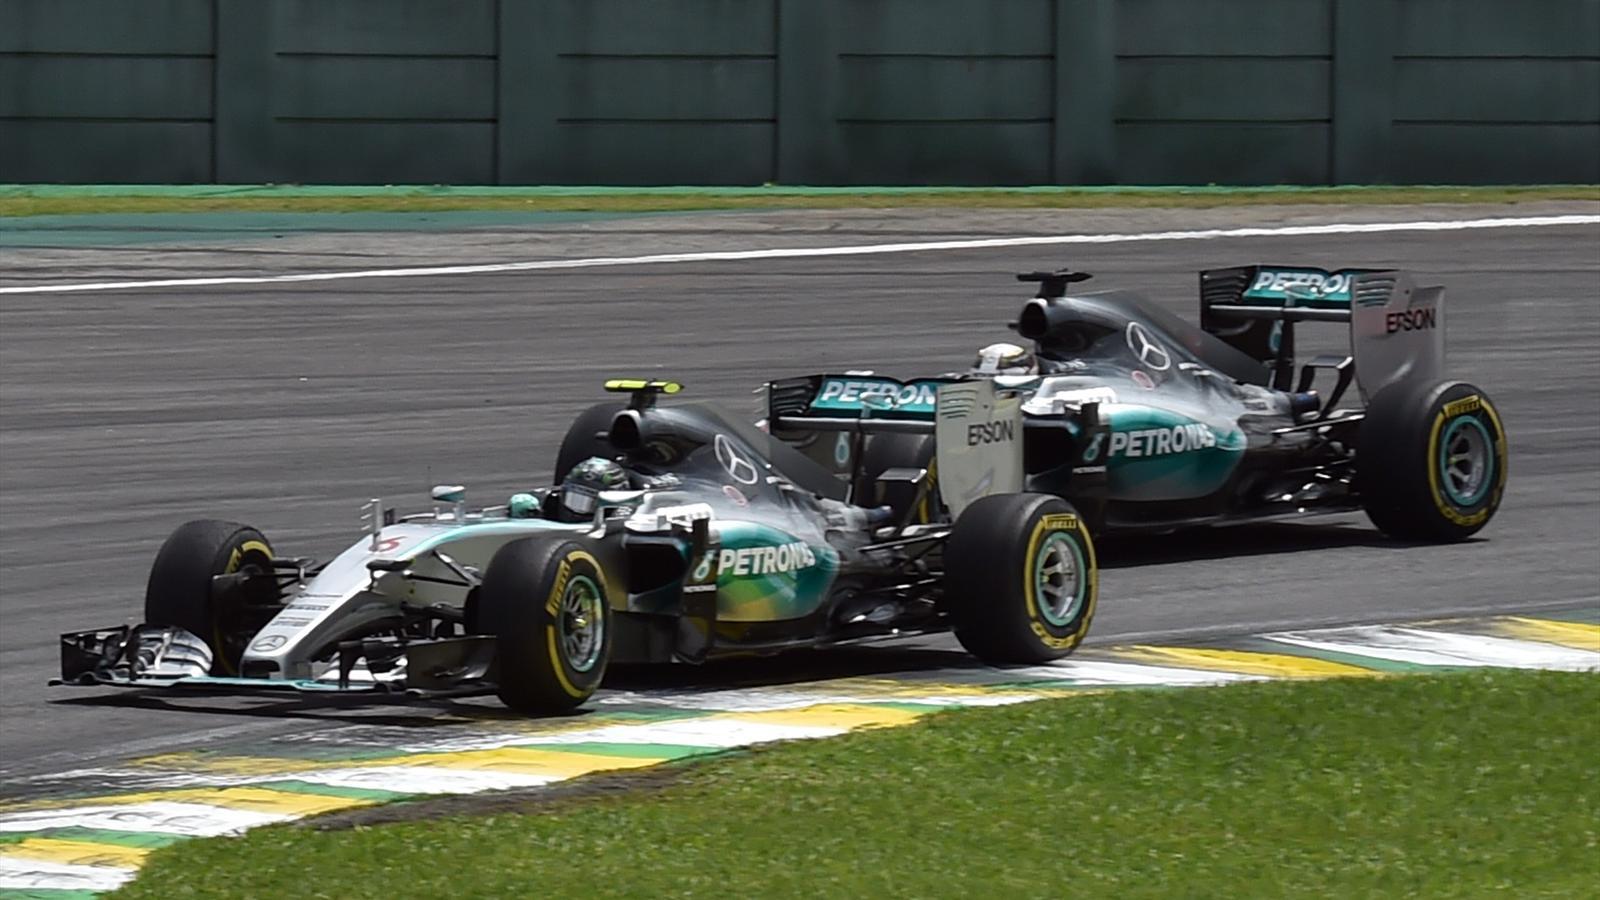 Nico Rosberg (Mercedes) a filé devant son coéquipier Lewis Hamilton en début de course pour ne plus lâcher les commandes du Grand Prix du Brésil 2015